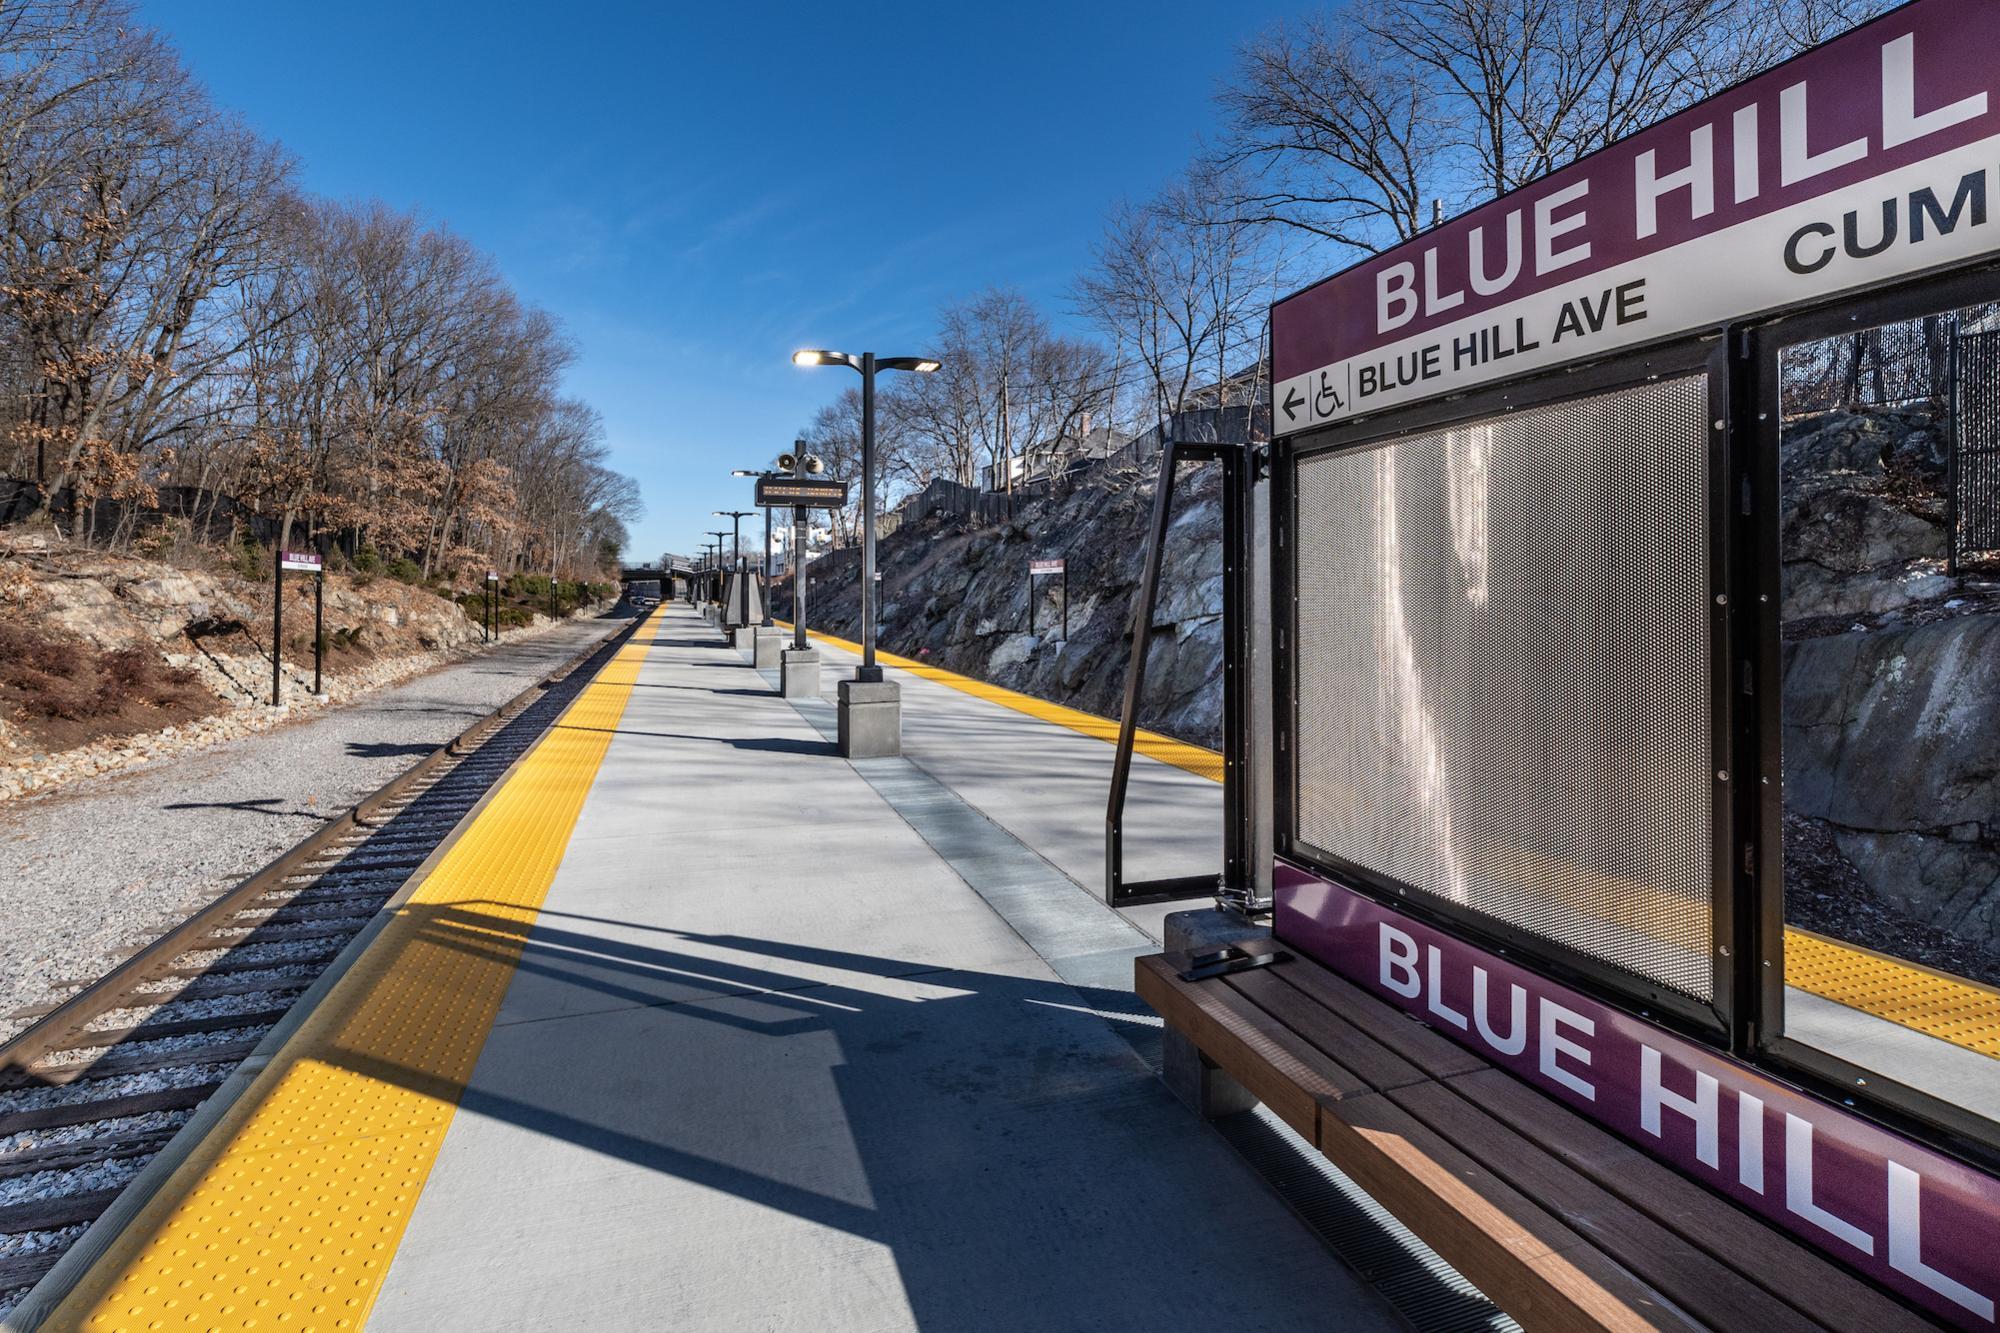 Station platform (January 2019)